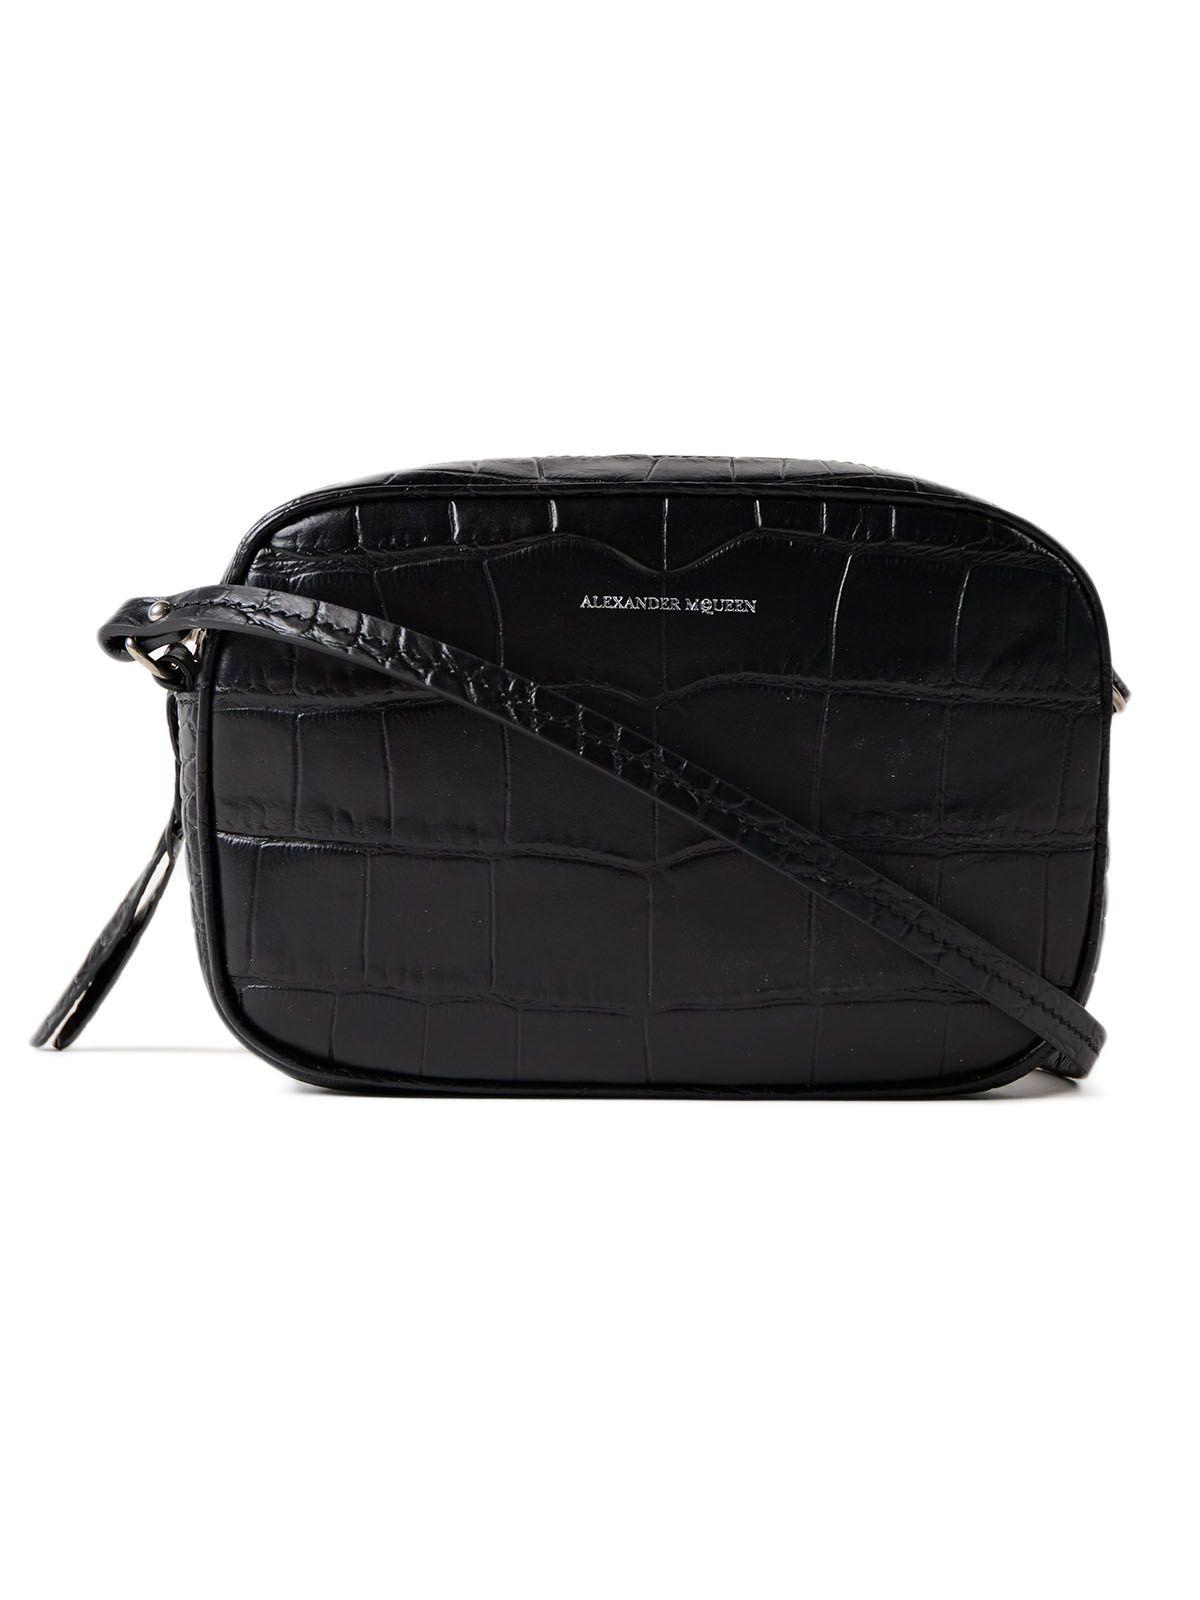 Alexander McQueen Small Camera Bag